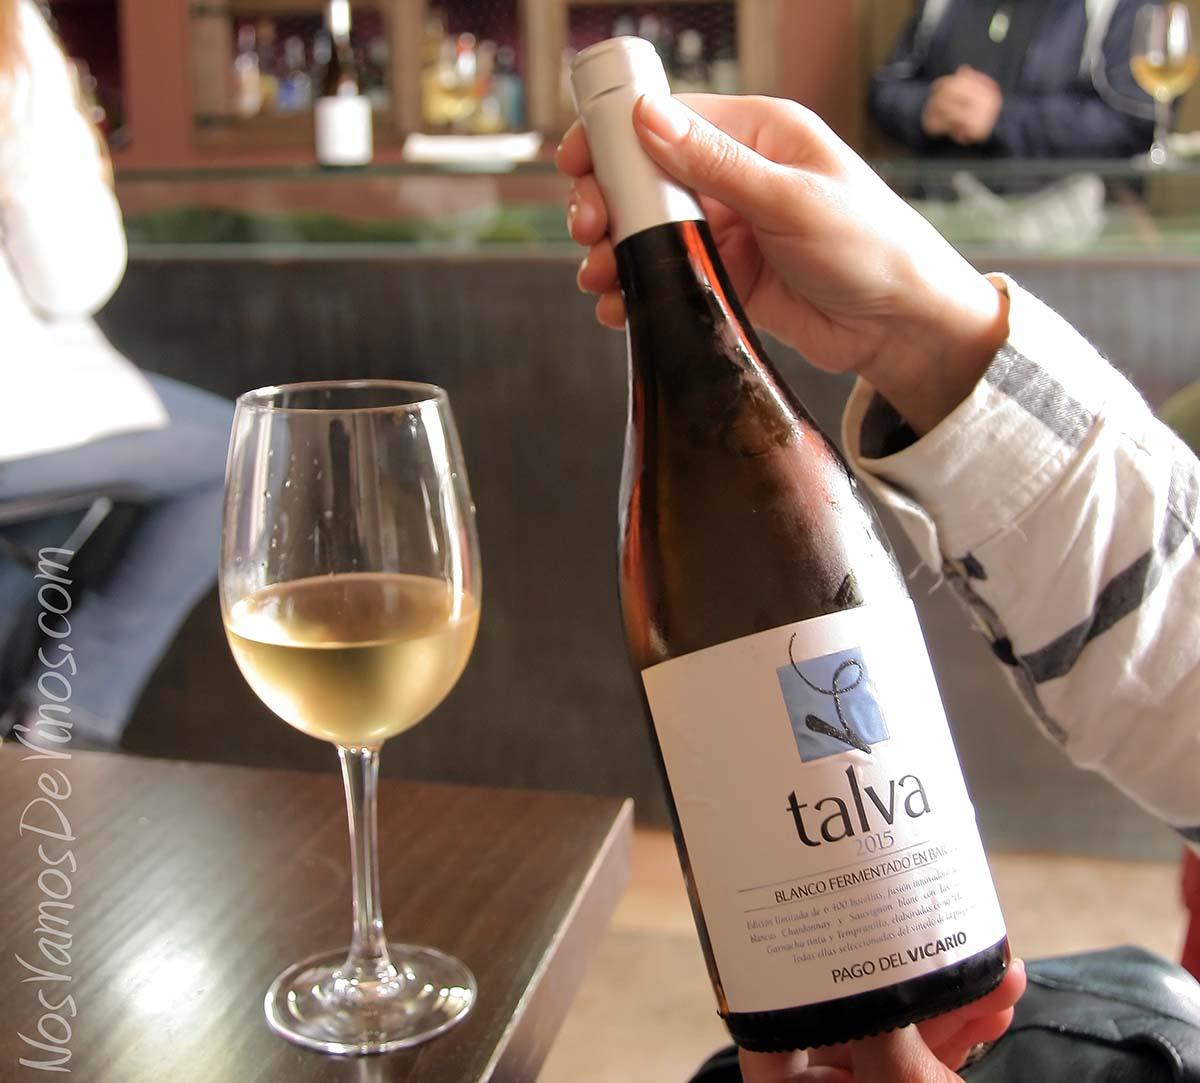 Talva-2015-Pago-del-Vicario-vino